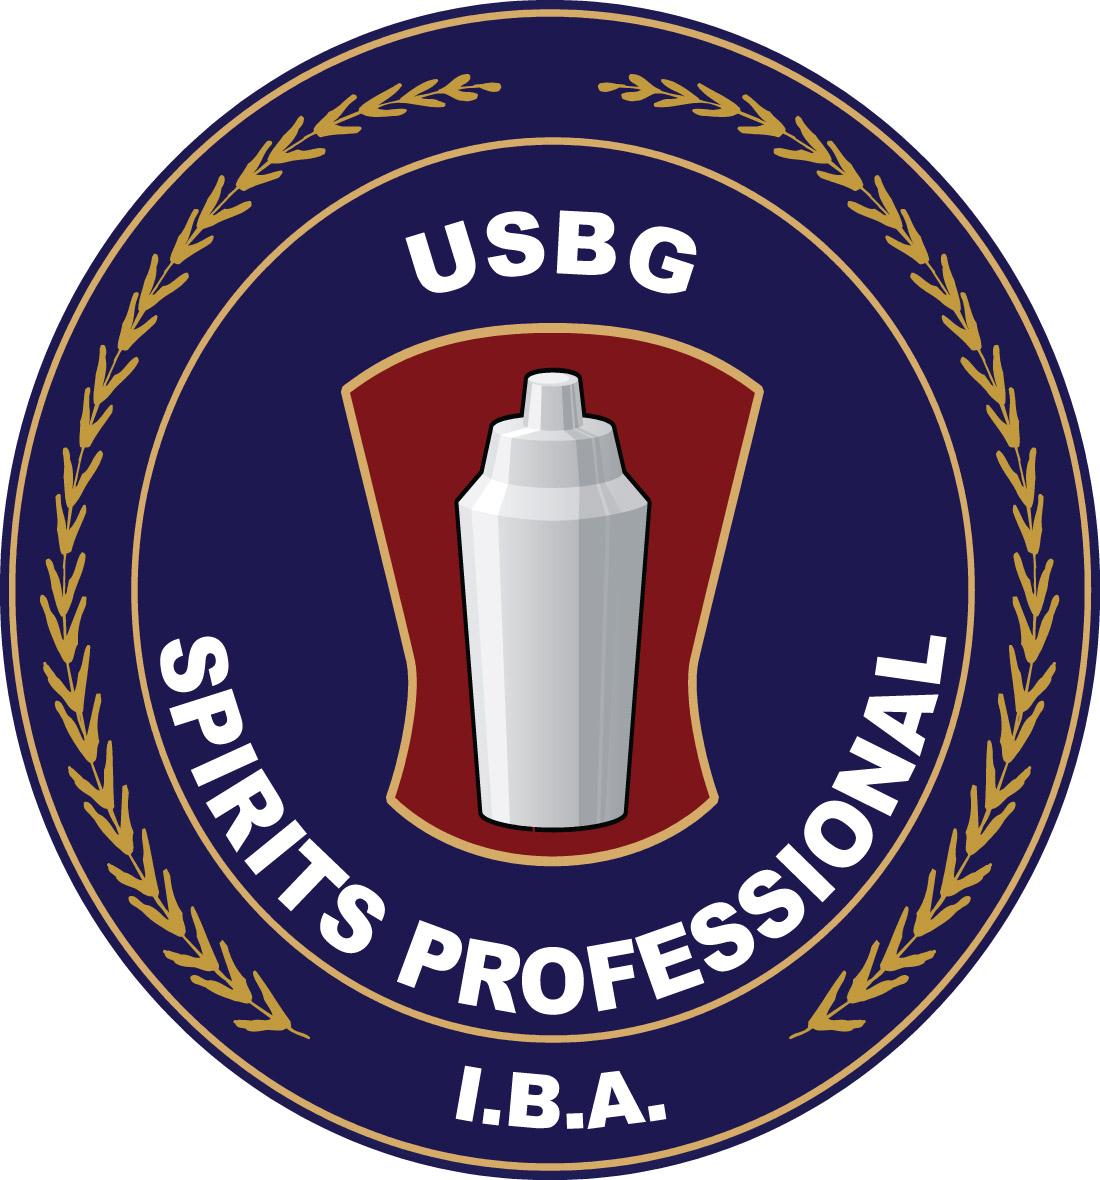 USBG Spirits Professional logo